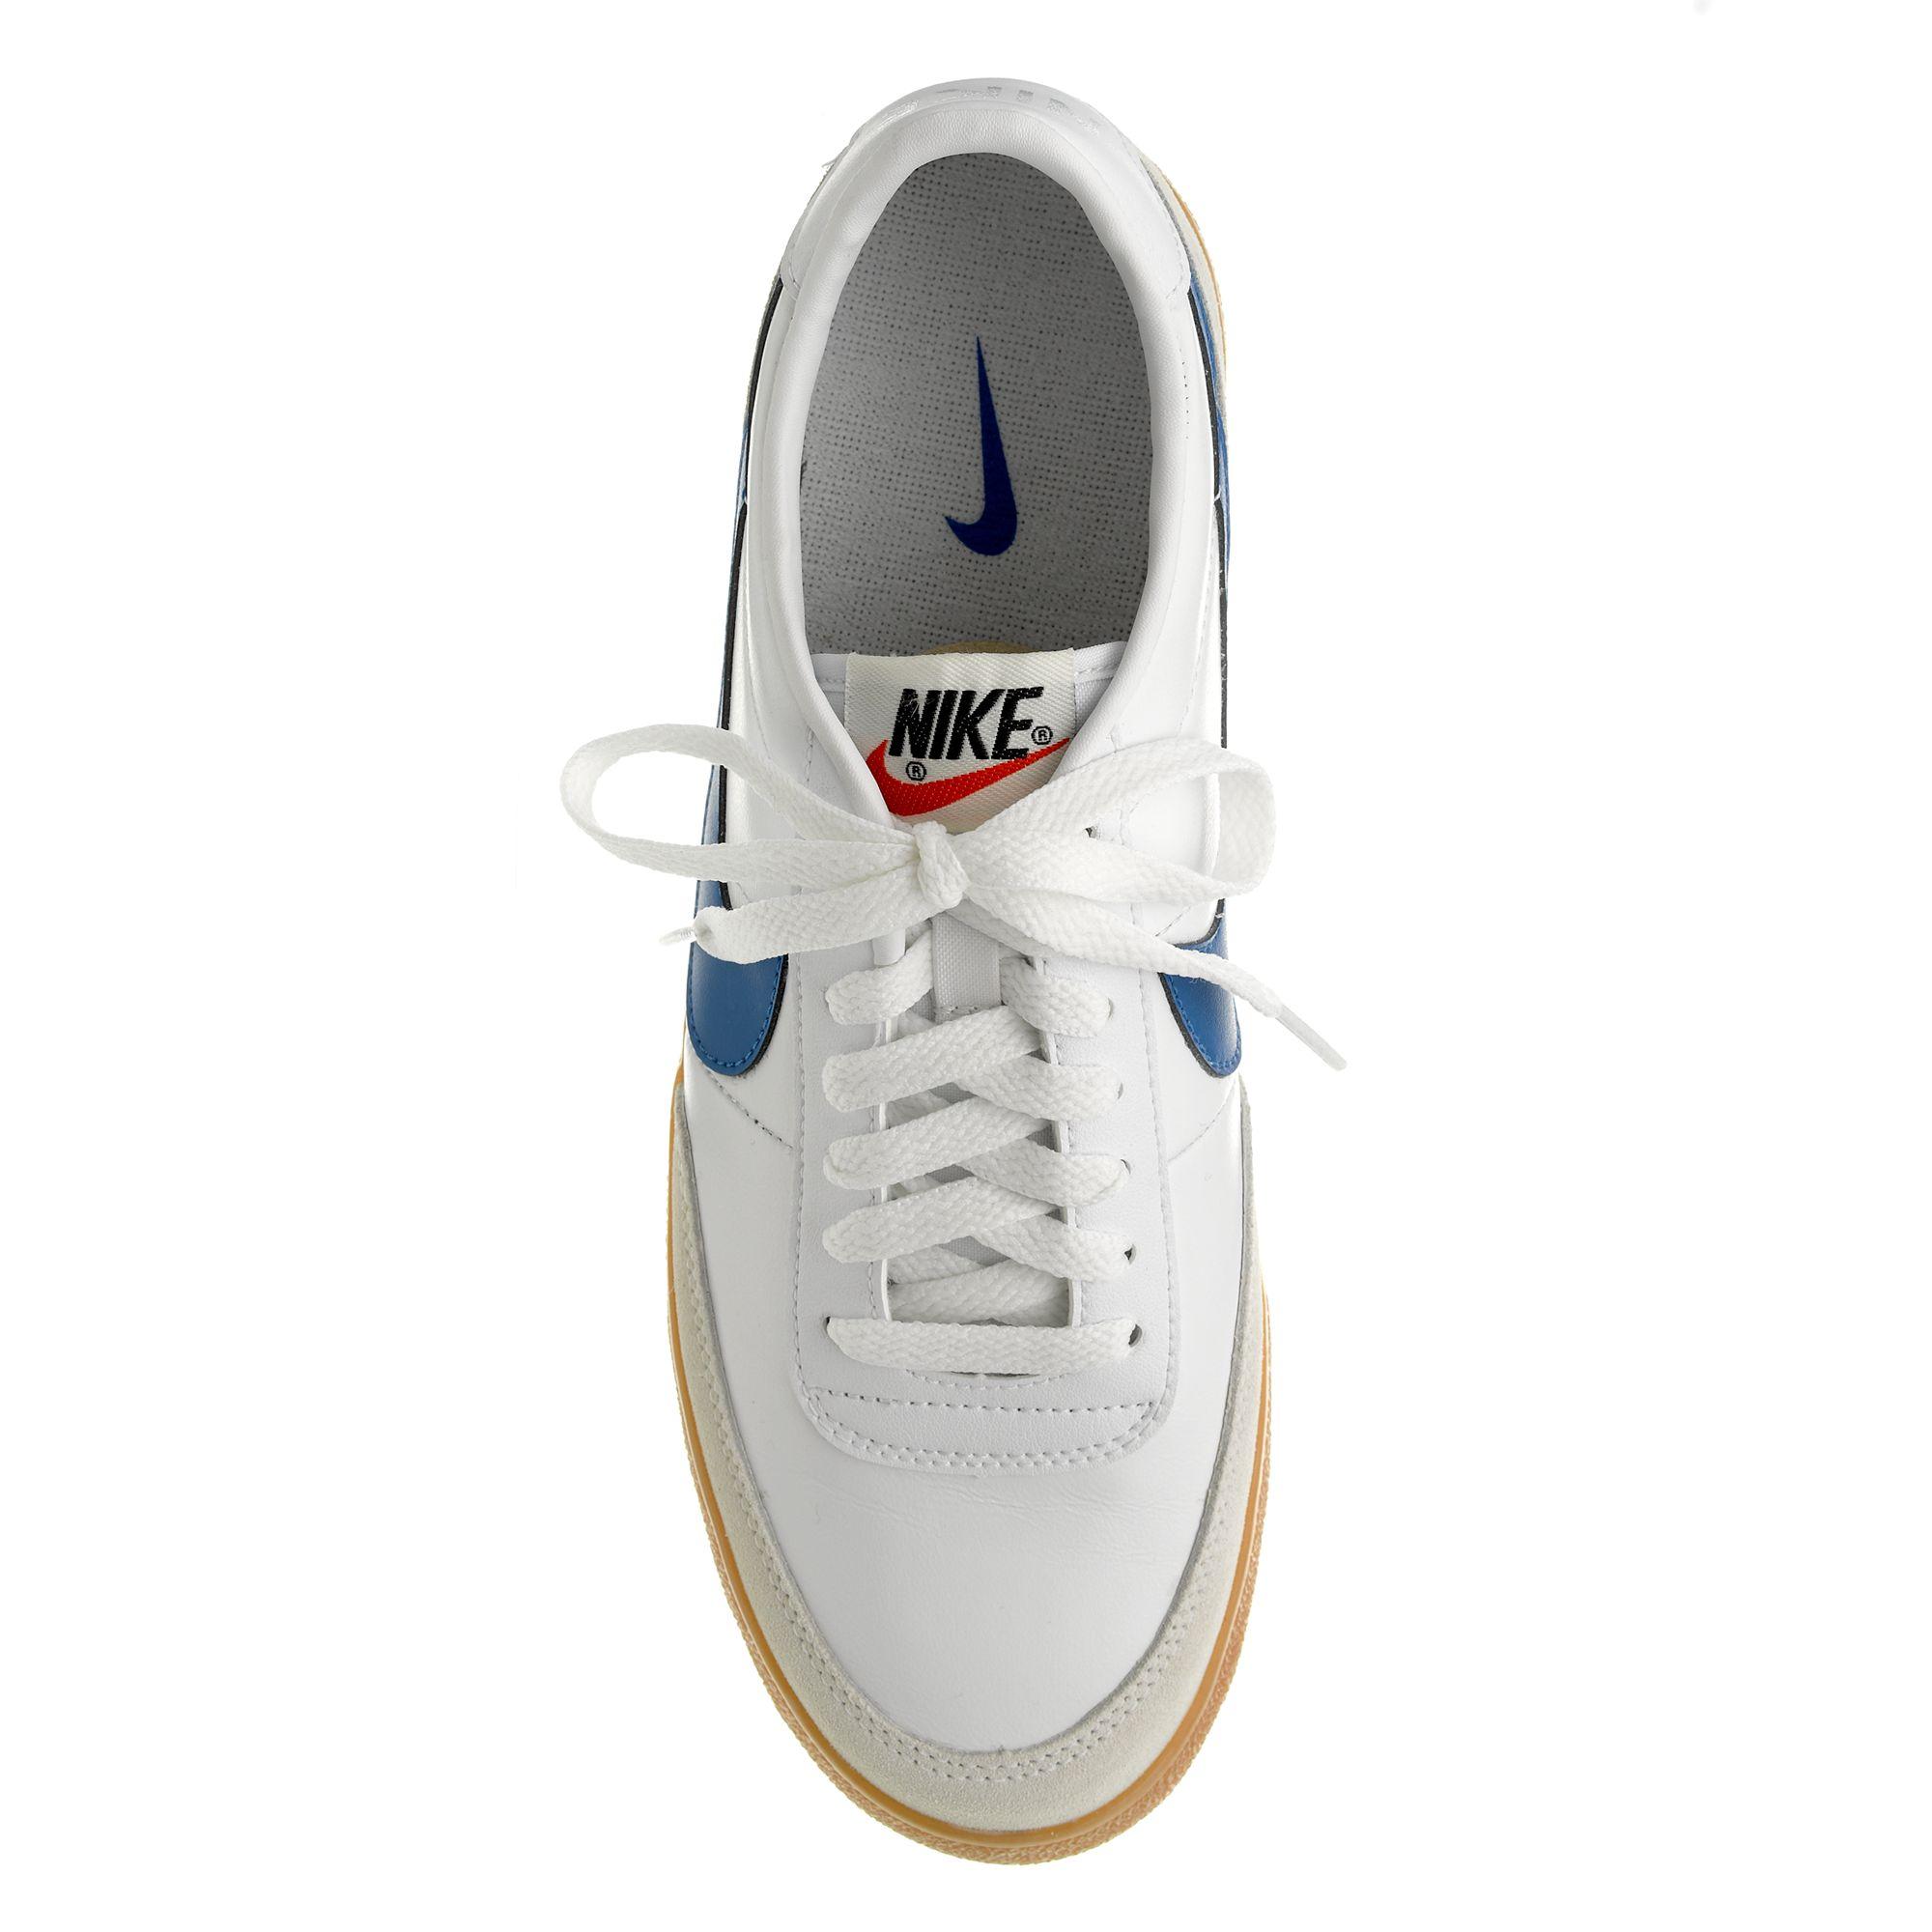 Nike Cotton Shoe Gum Sole